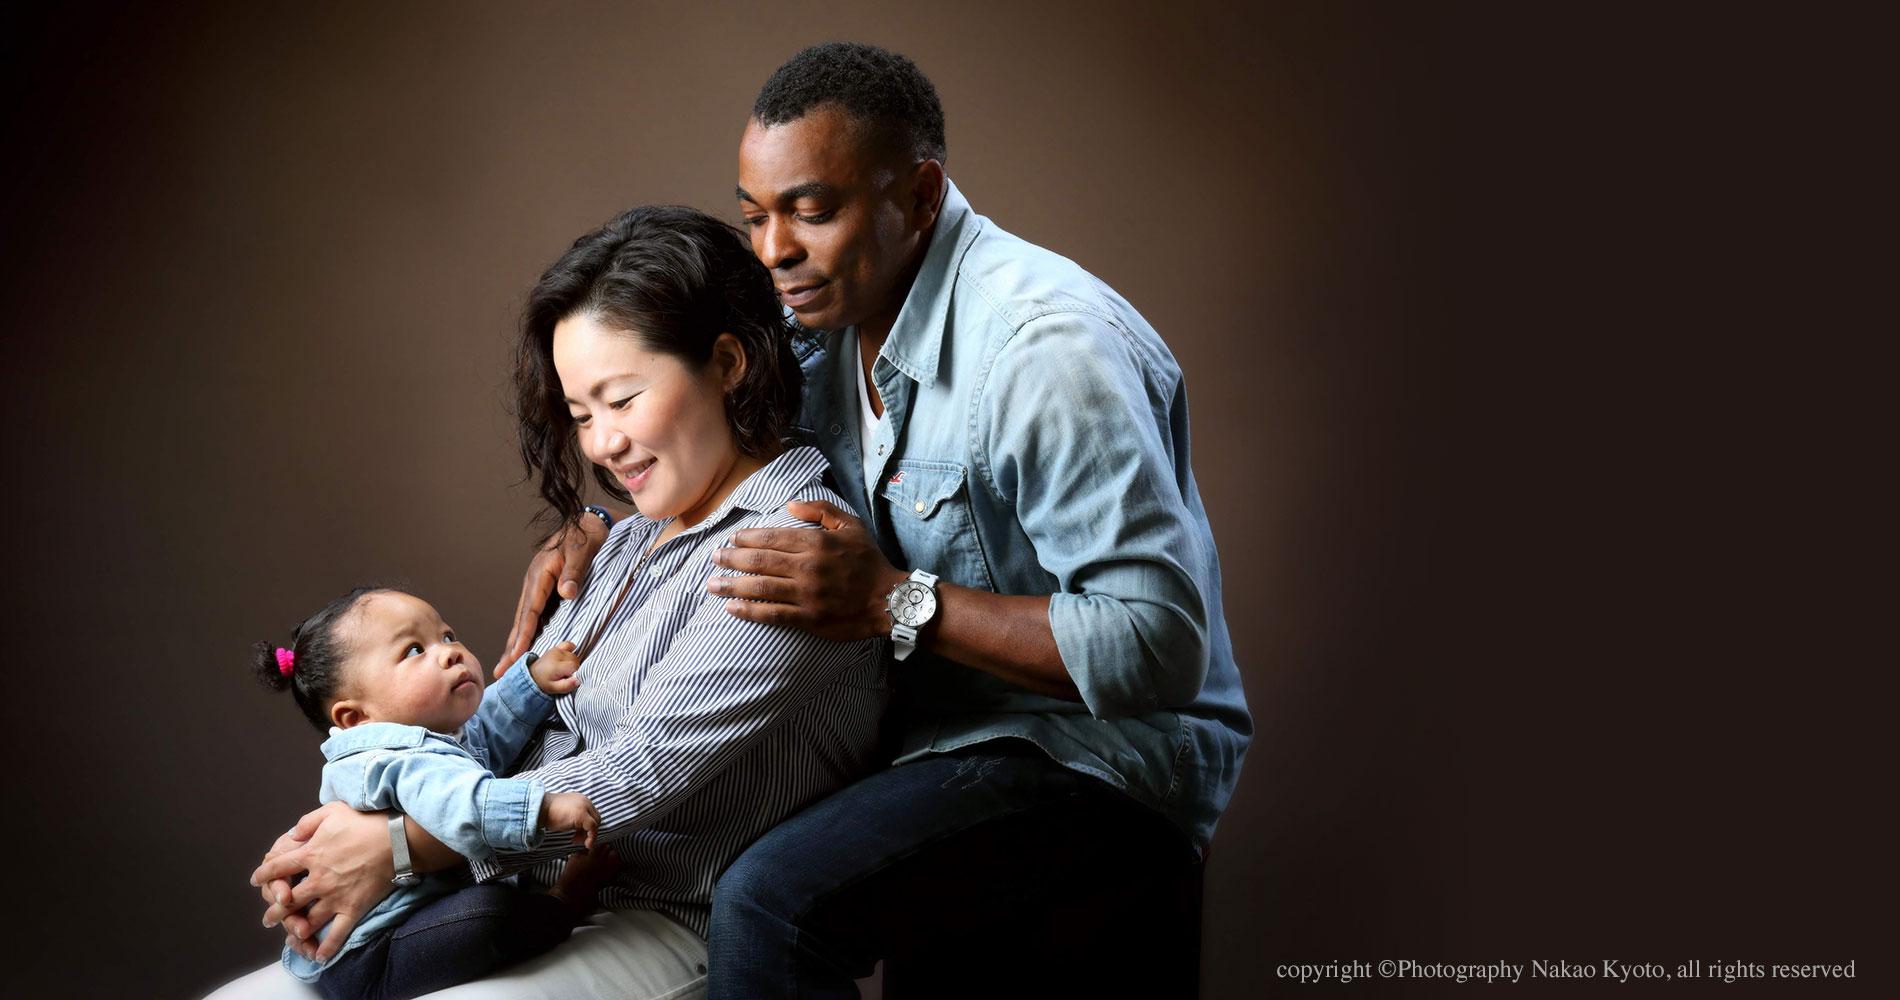 家族写真 お子様に微笑みかけるご両親の温かい眼差し